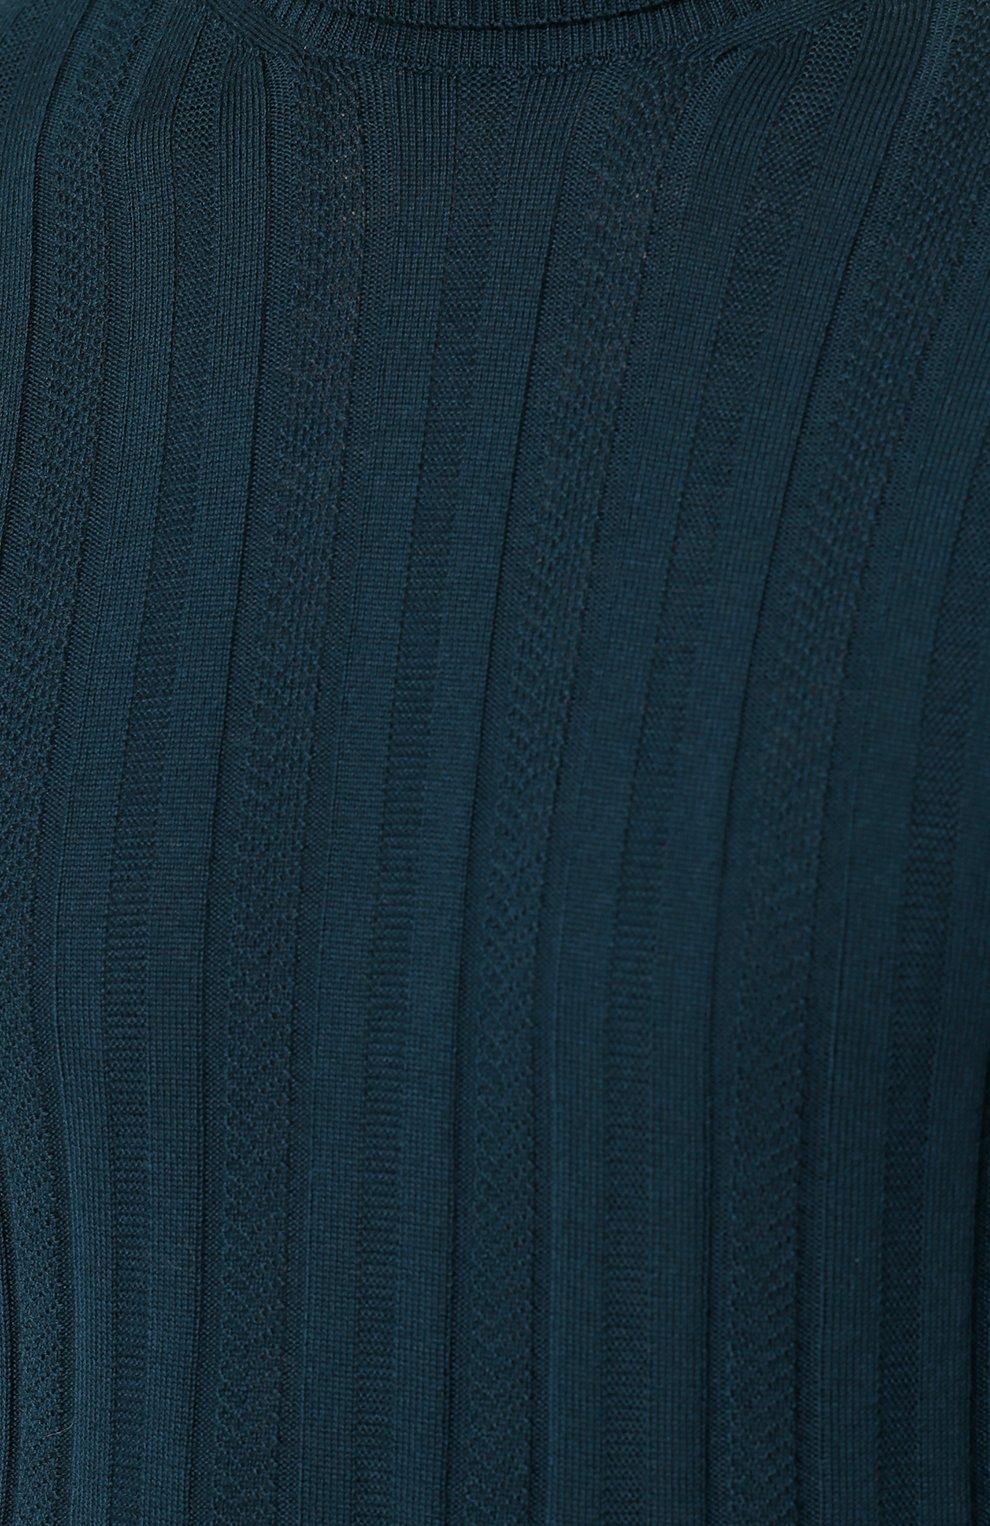 Шерстяная однотонная водолазка | Фото №5